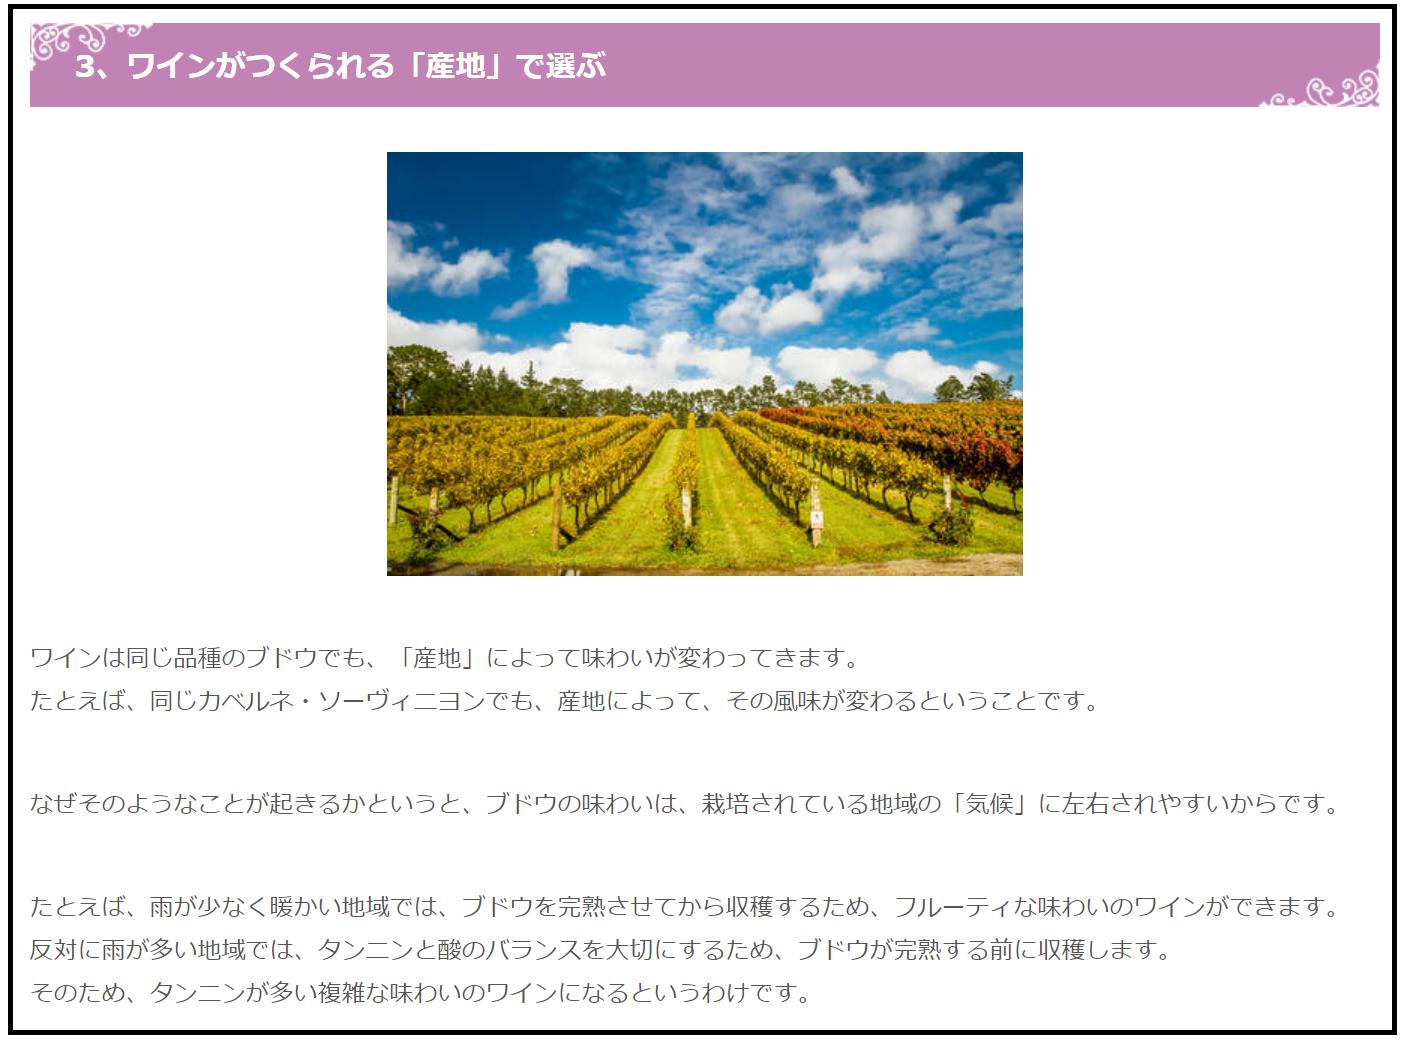 おいしい赤ワインのPREP法の事例